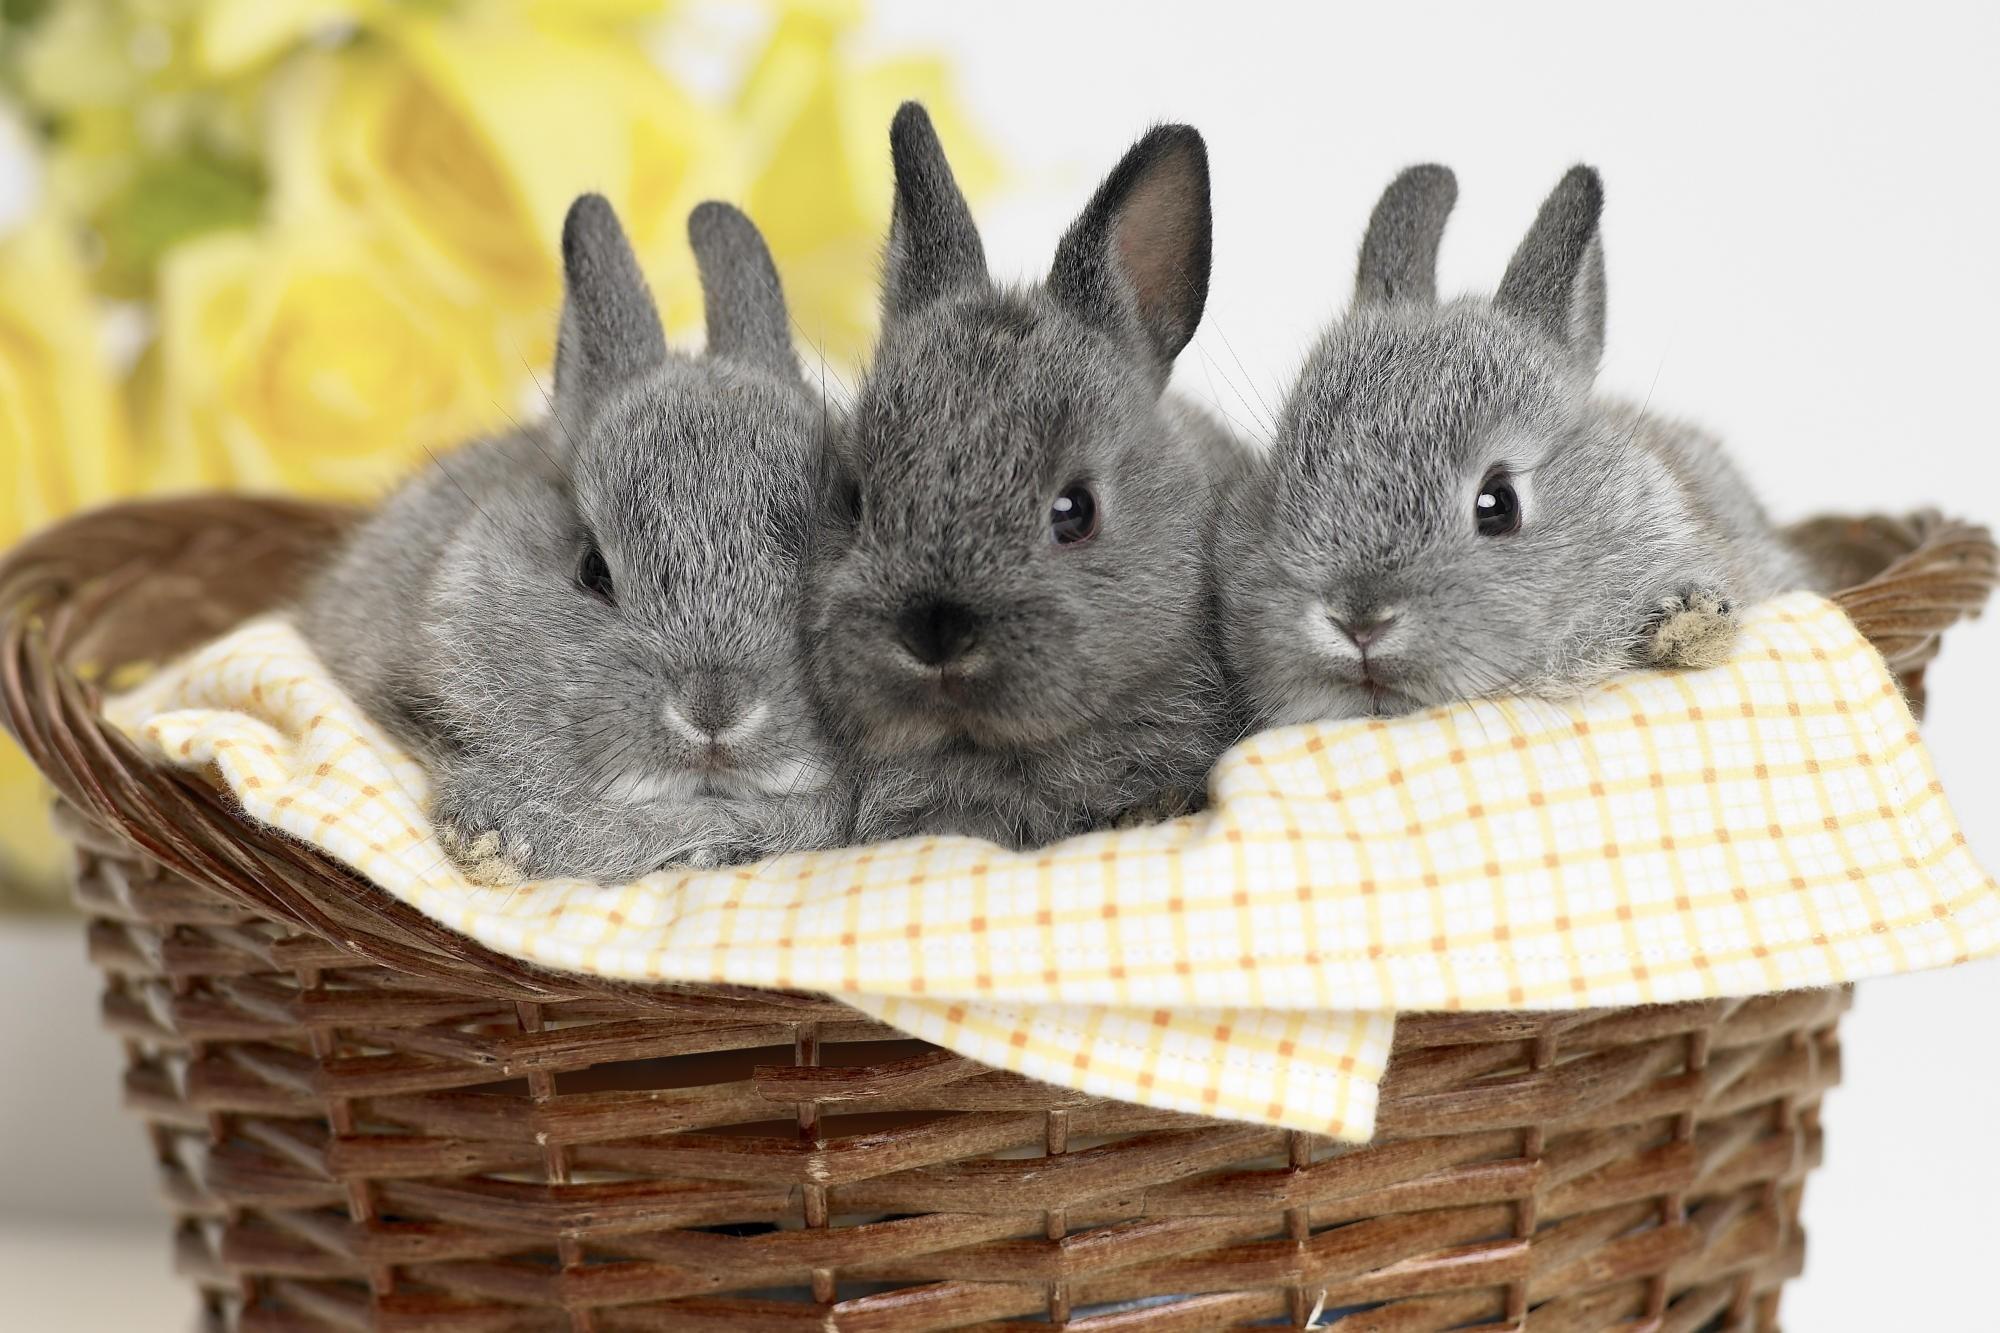 52061 Hintergrundbild herunterladen Kaninchen, Tiere, Sitzen, Korb - Bildschirmschoner und Bilder kostenlos